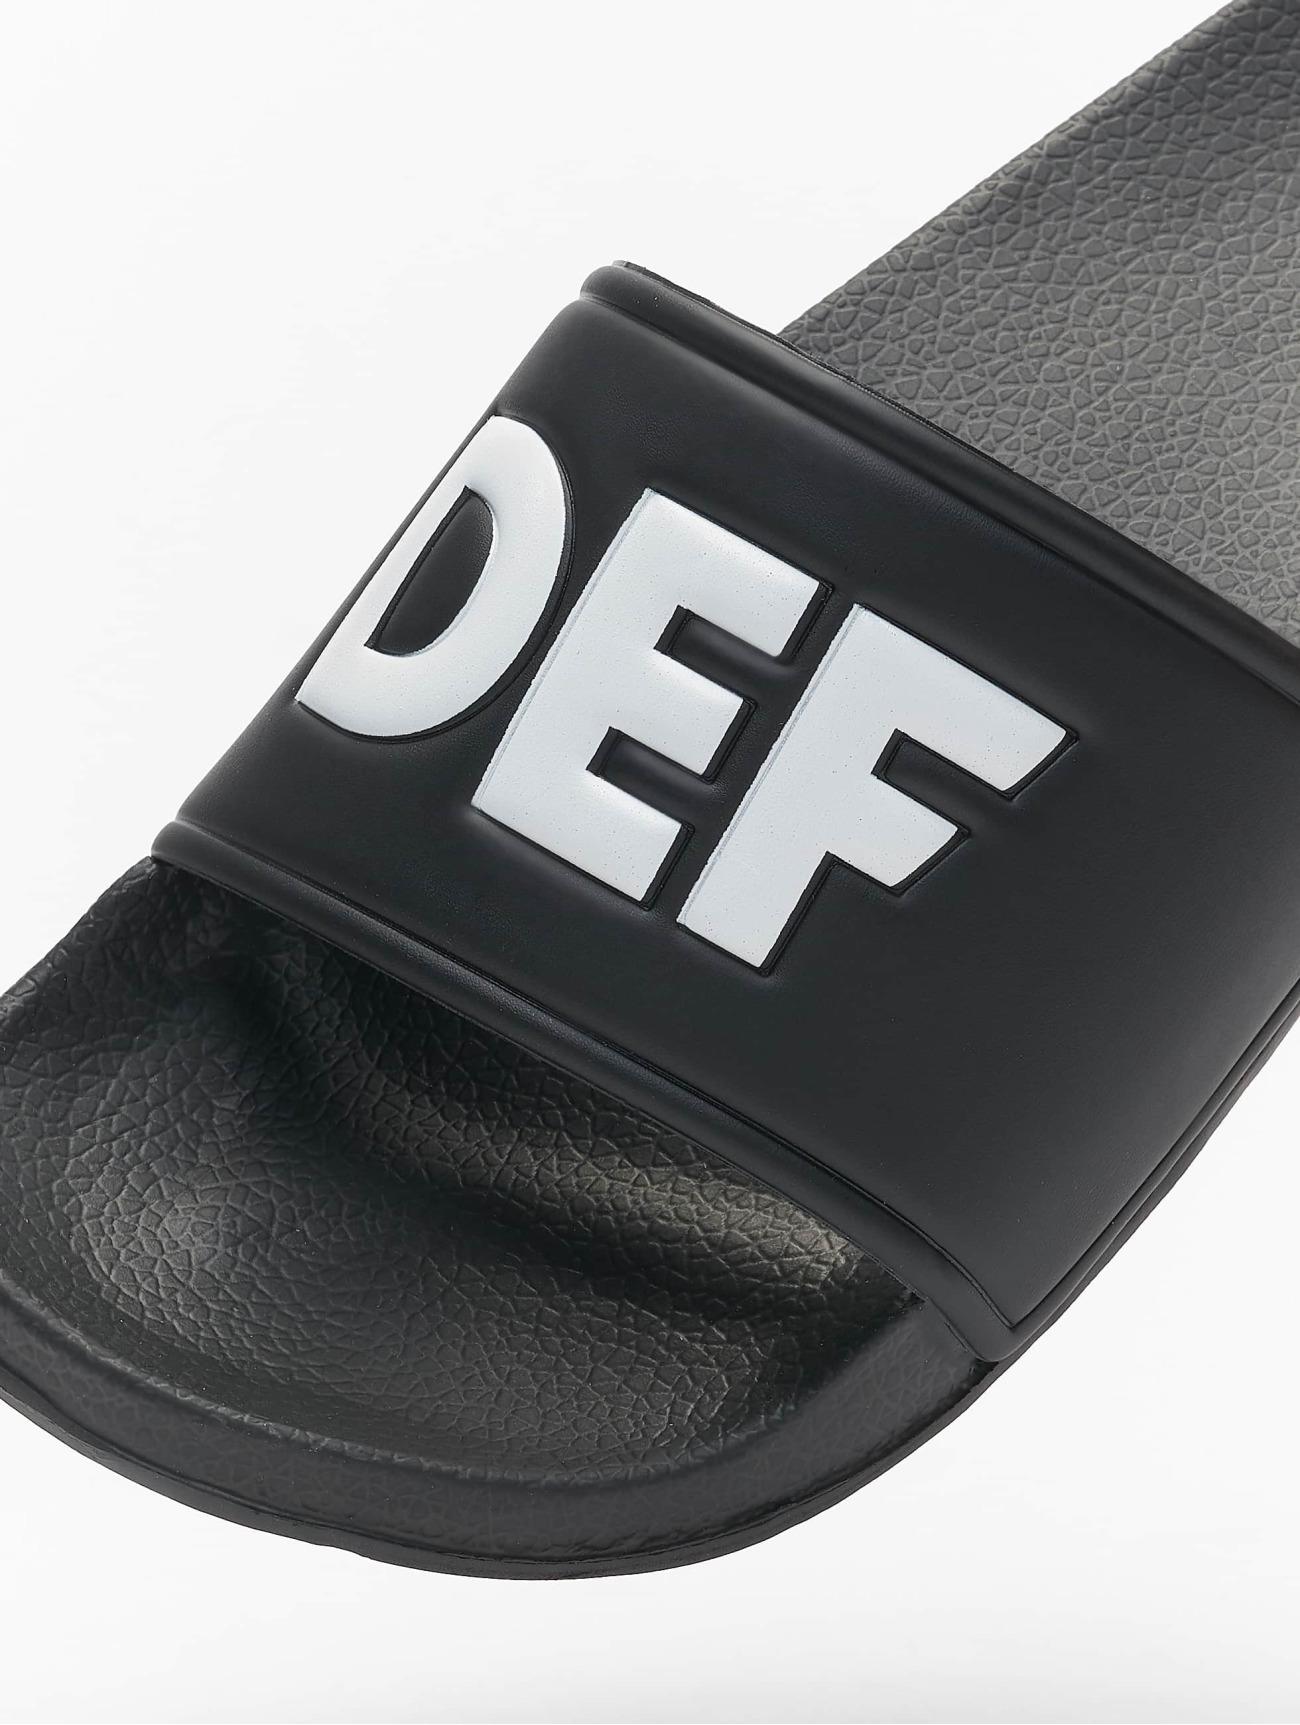 DEF Defiletten noir Claquettes & Sandales 391644 Homme Chaussures